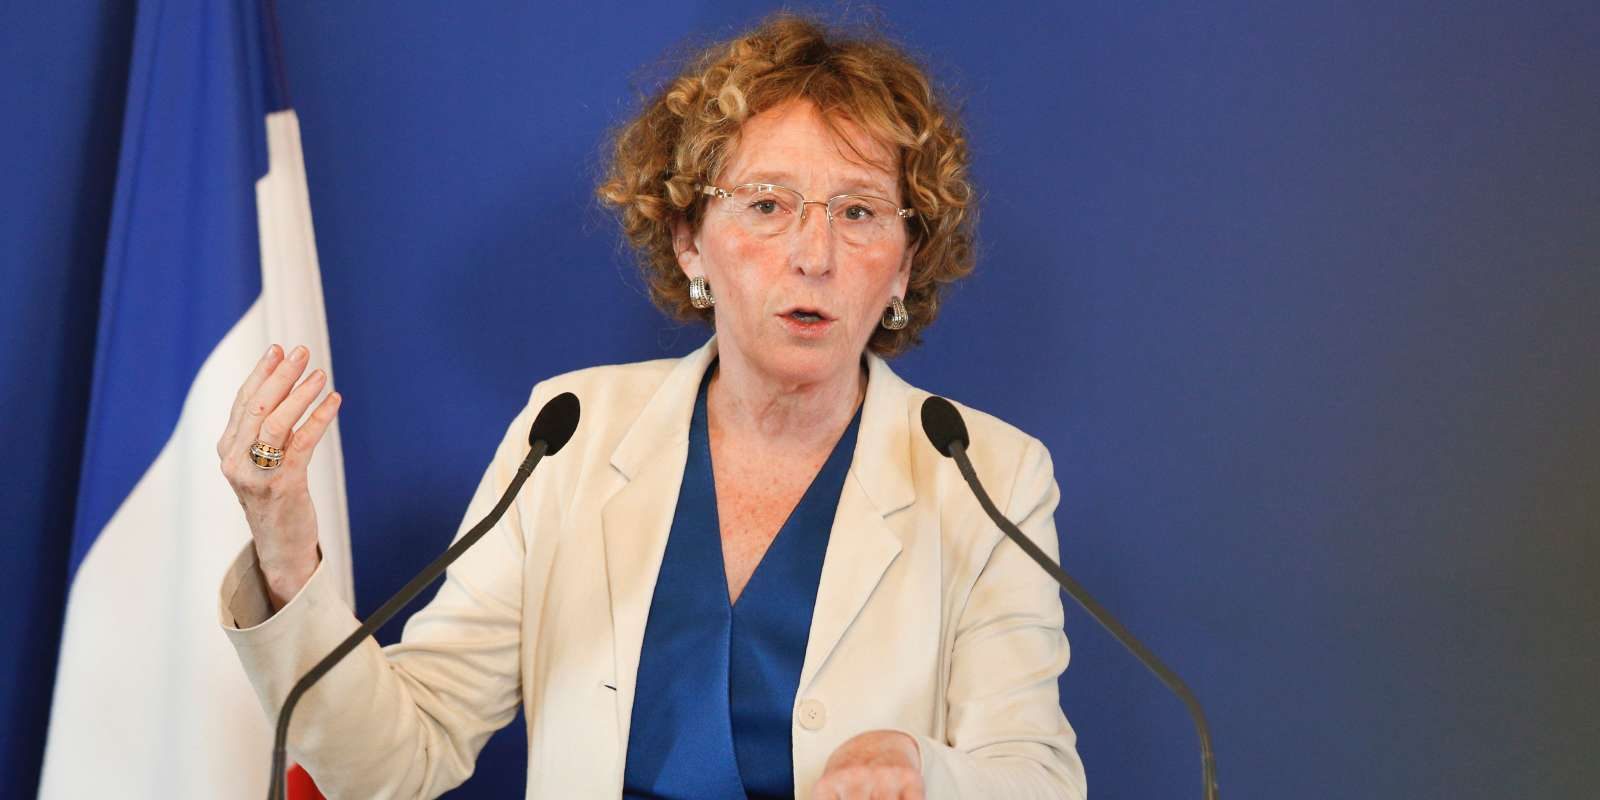 La ministre du travail Muriel Pénicaud donne une conférence de presse, le 28 juin.